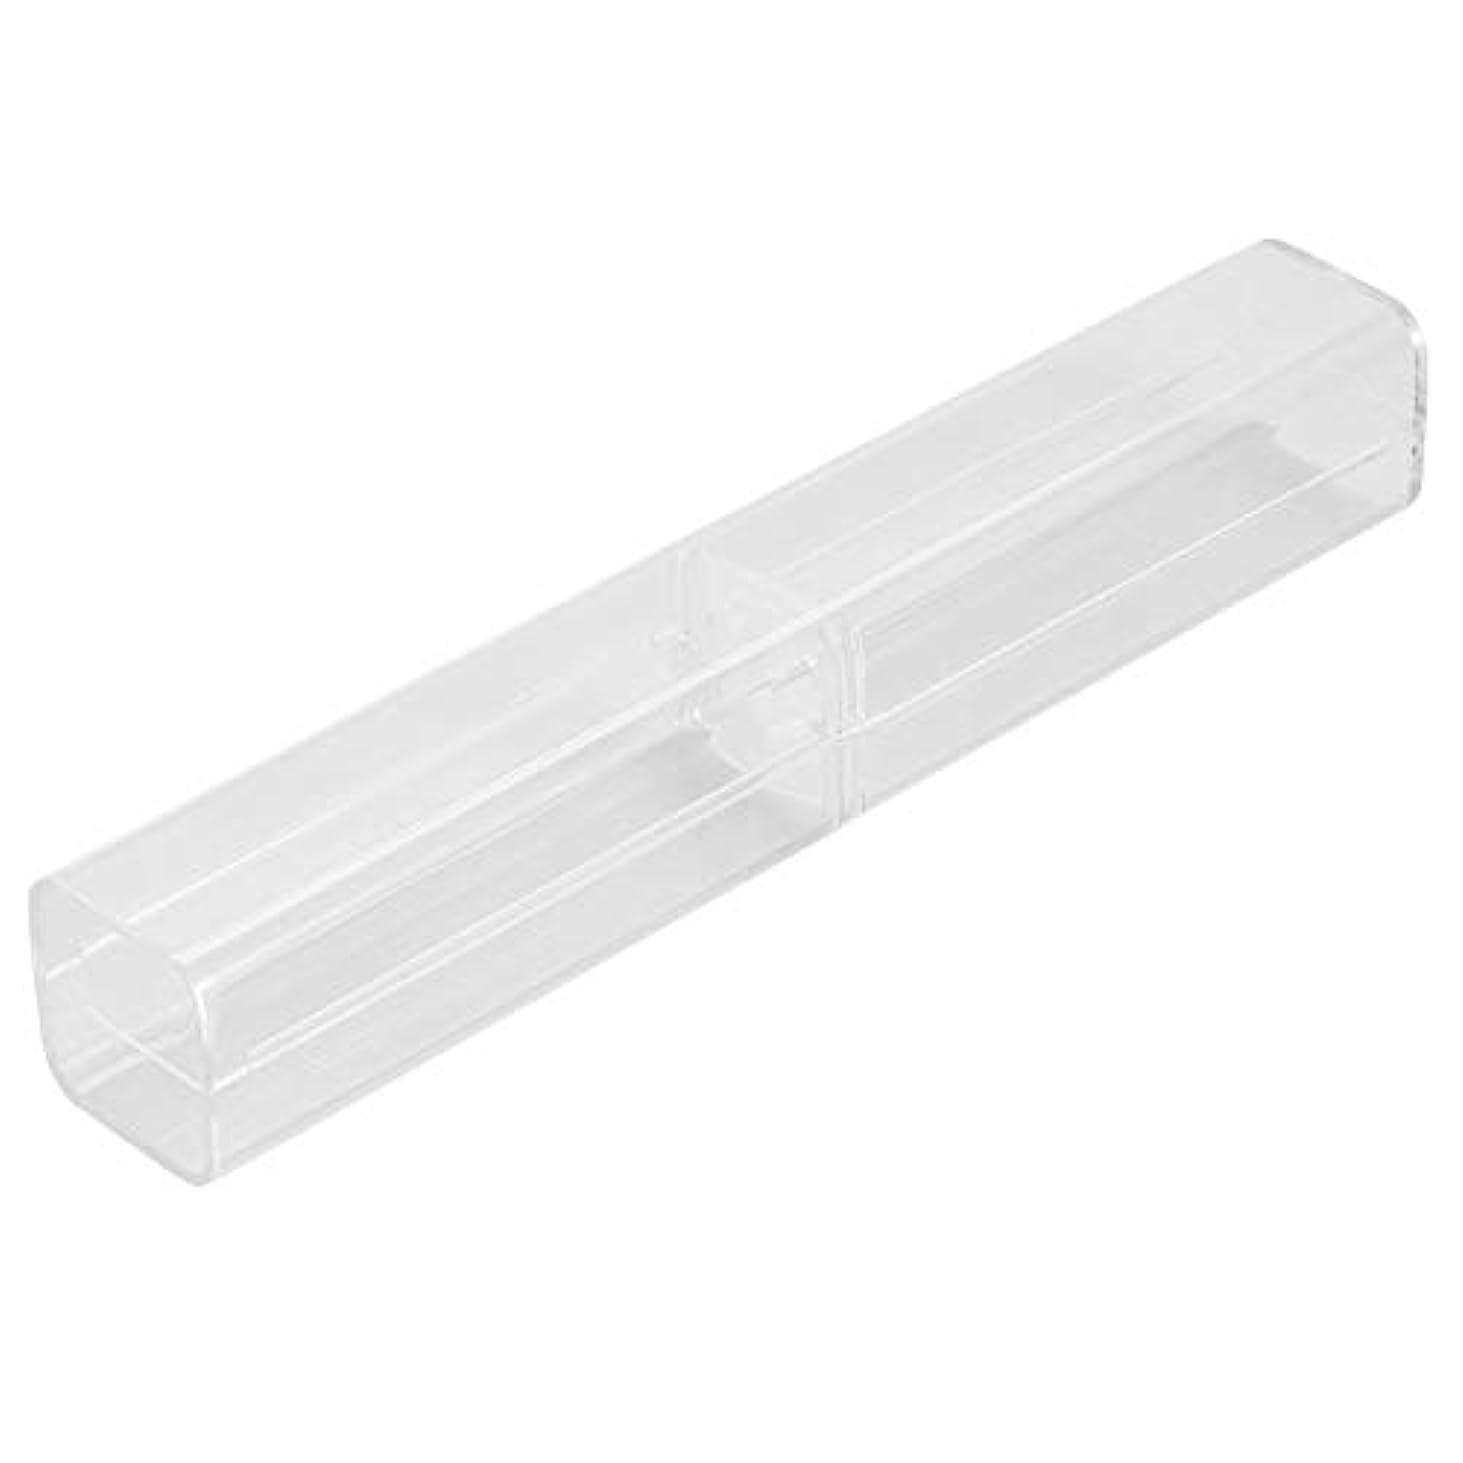 非難弾薬環境1ピース収納ボックス - 手動ペン眉毛タトゥークリアケース透明収納ボックス、収納ボックス - タトゥーコンテナ